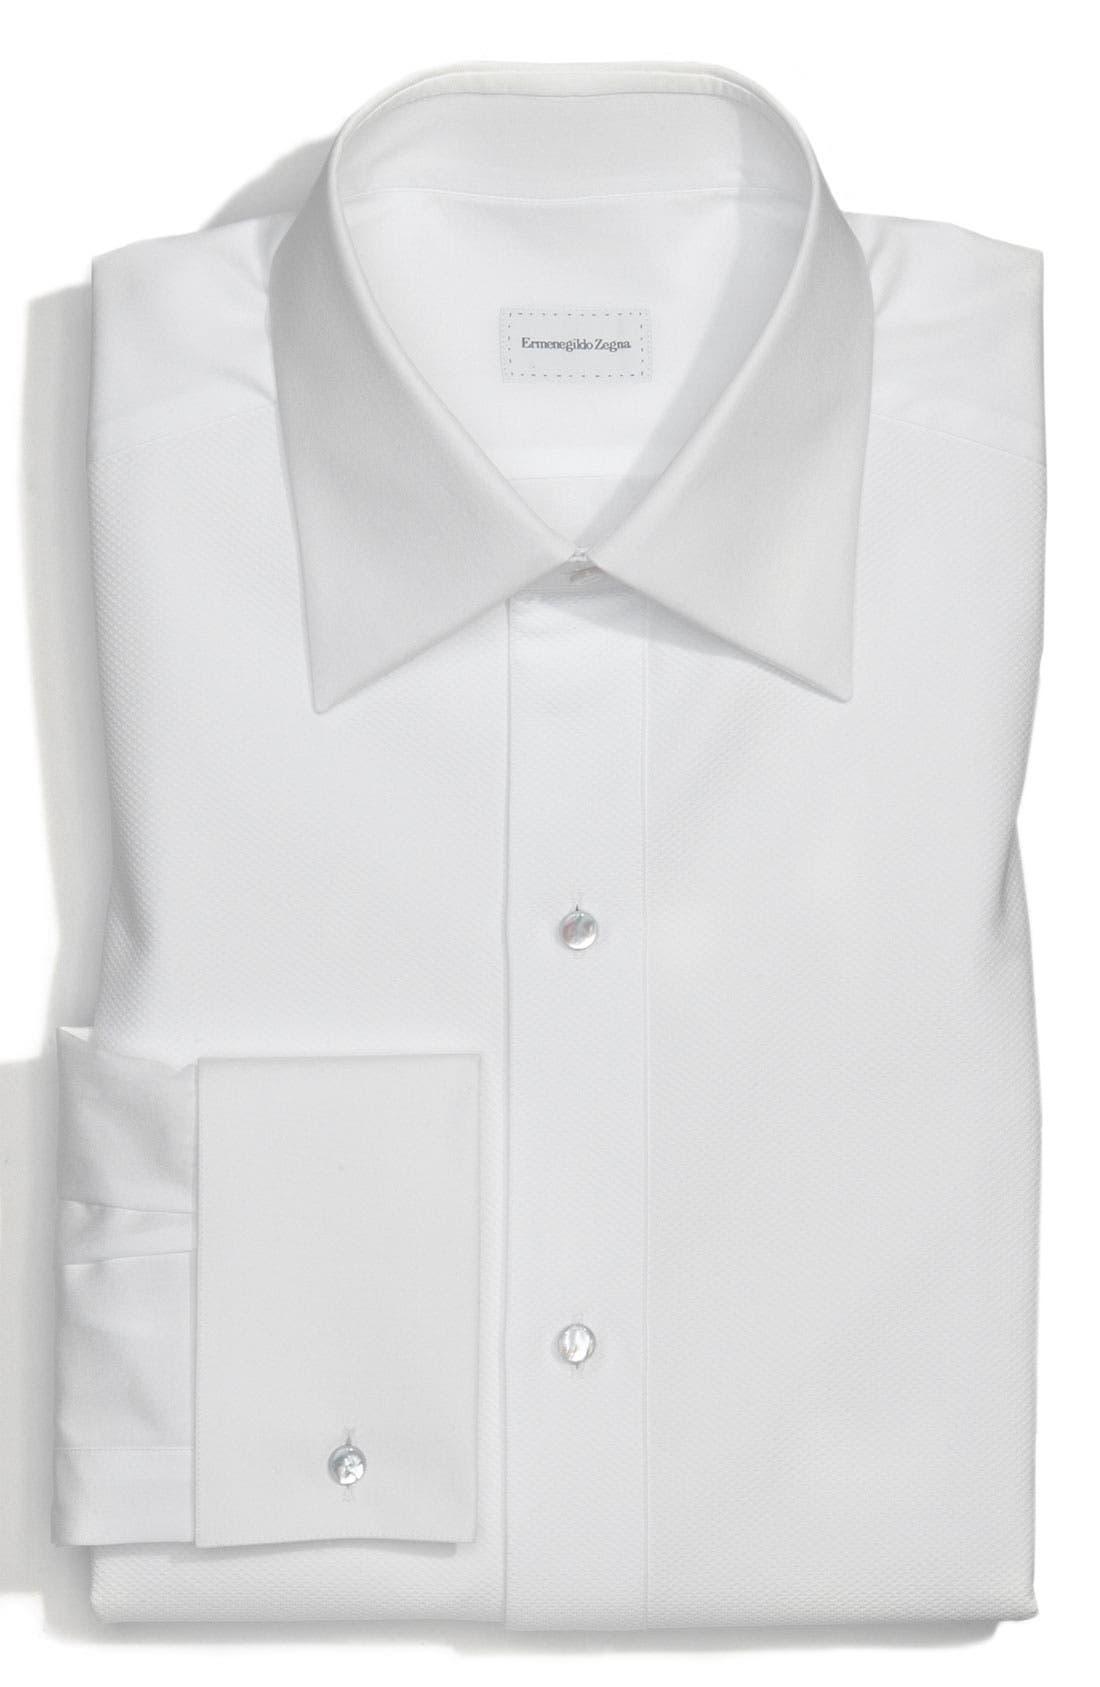 Alternate Image 1 Selected - Ermenegildo Zegna Regular Fit Tuxedo Shirt